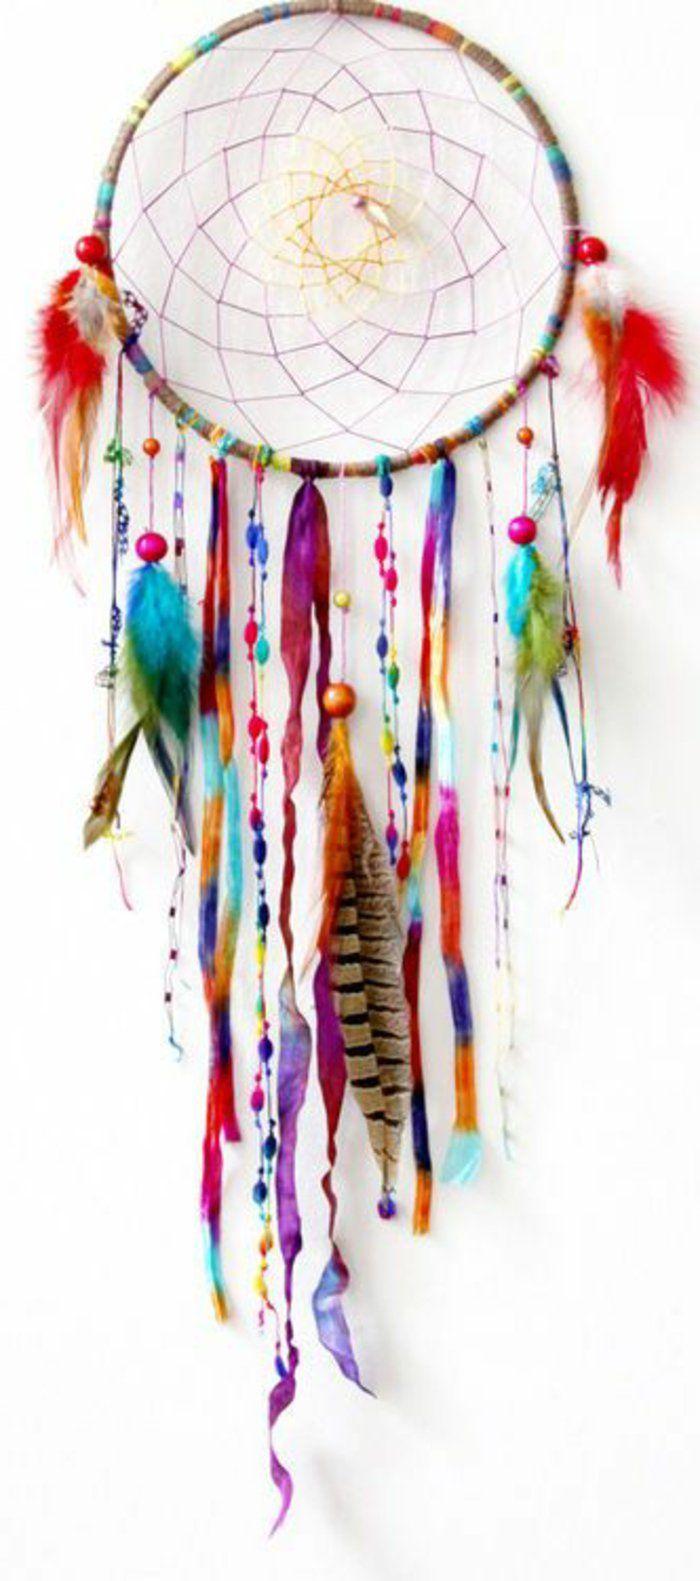 Die 25 besten Ideen zu Indianer federn auf Pinterest